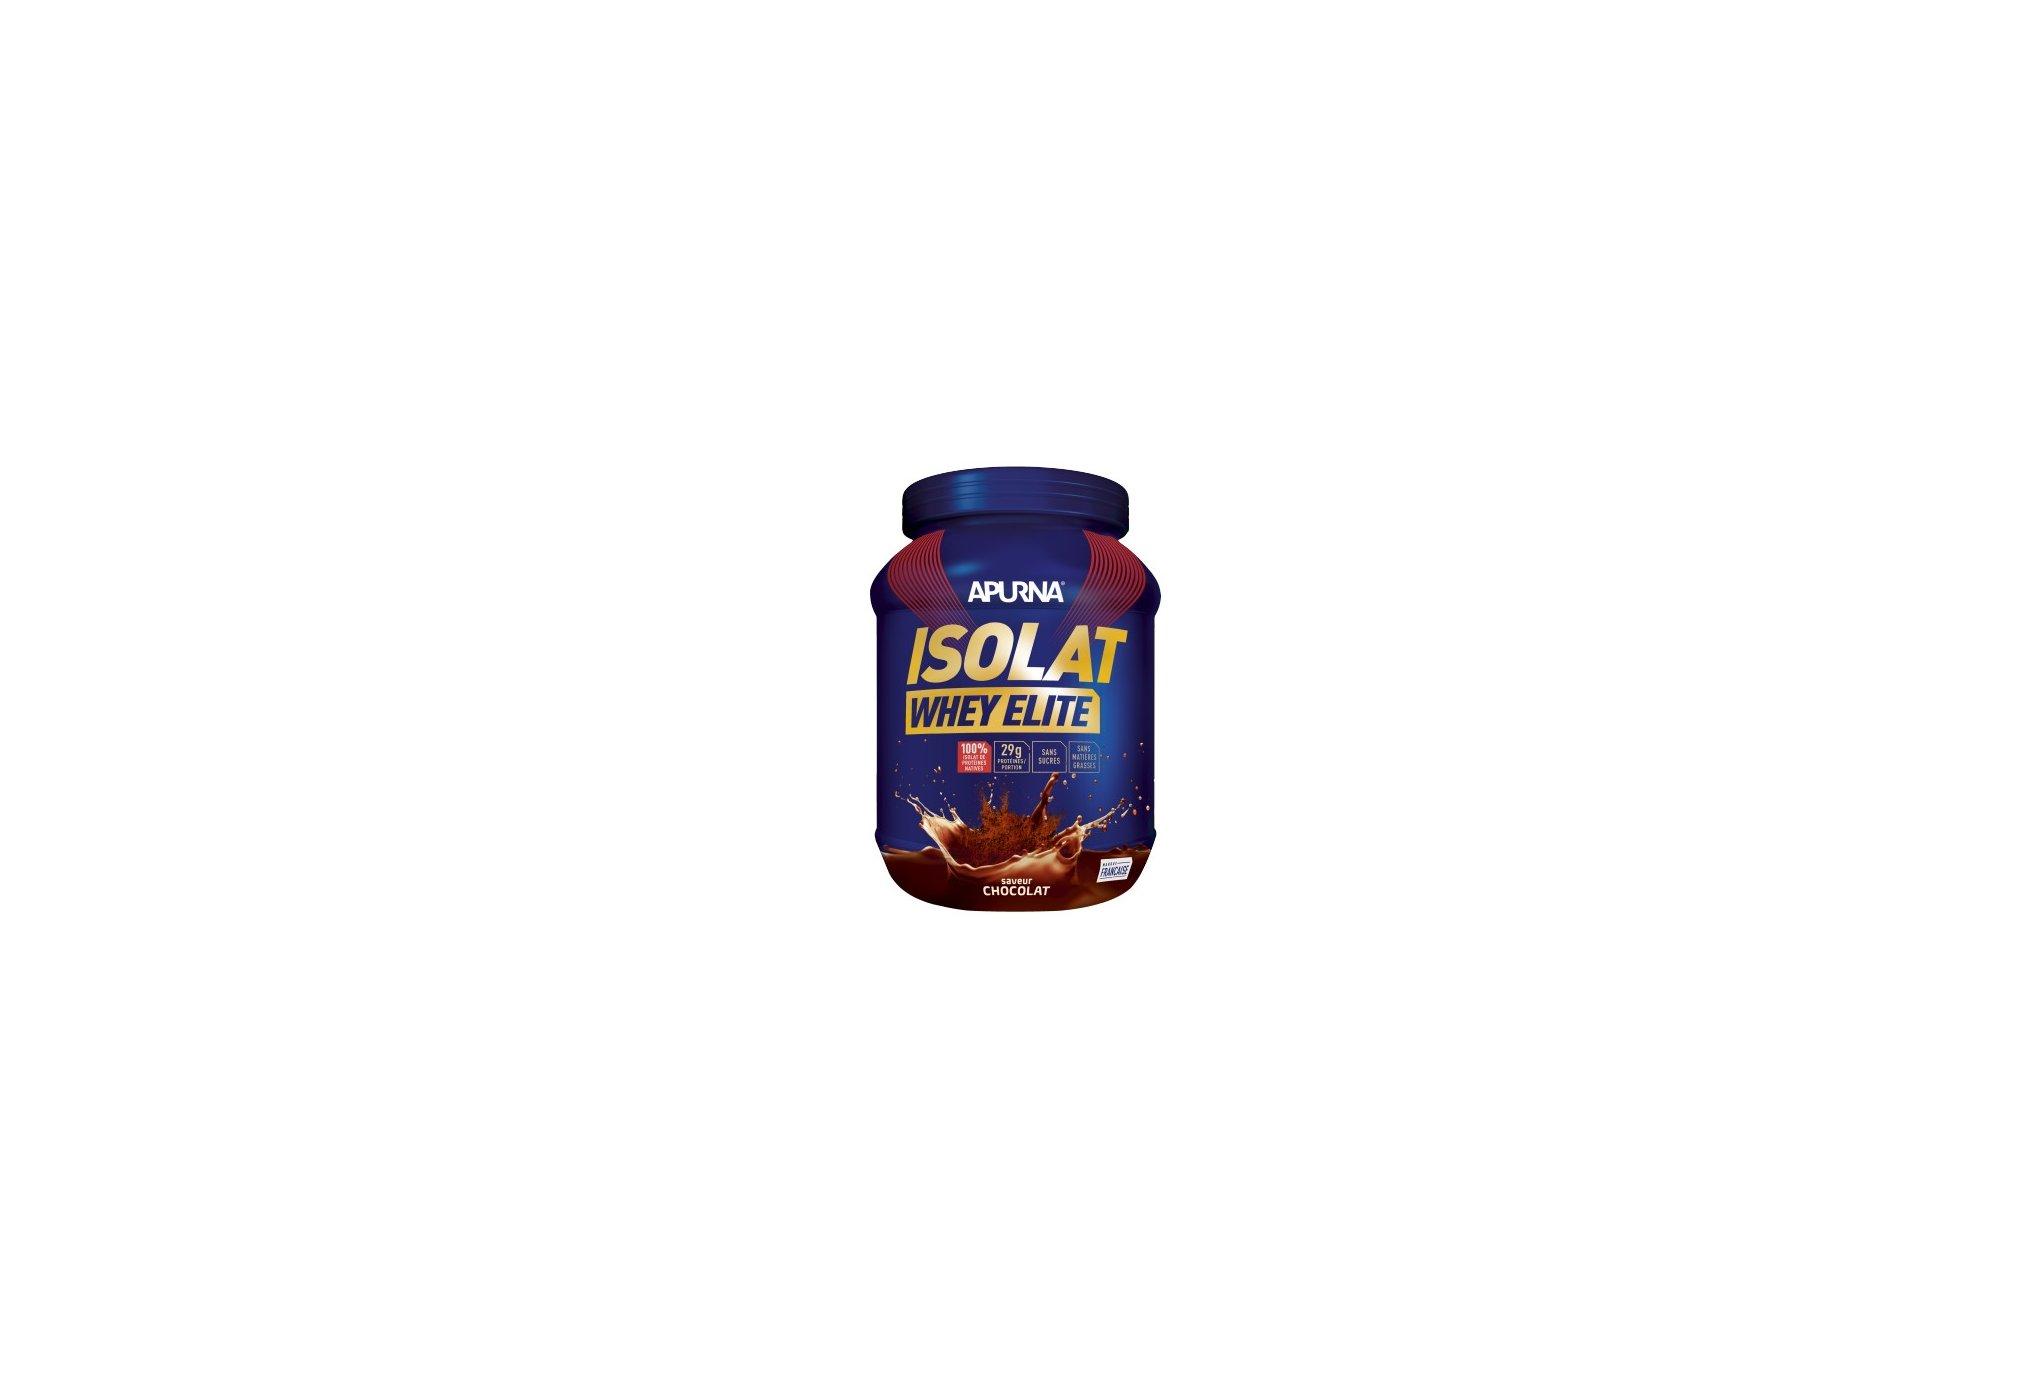 Apurna Isolat Whey Elite 720 g - Chocolat Diététique Protéines / récupération